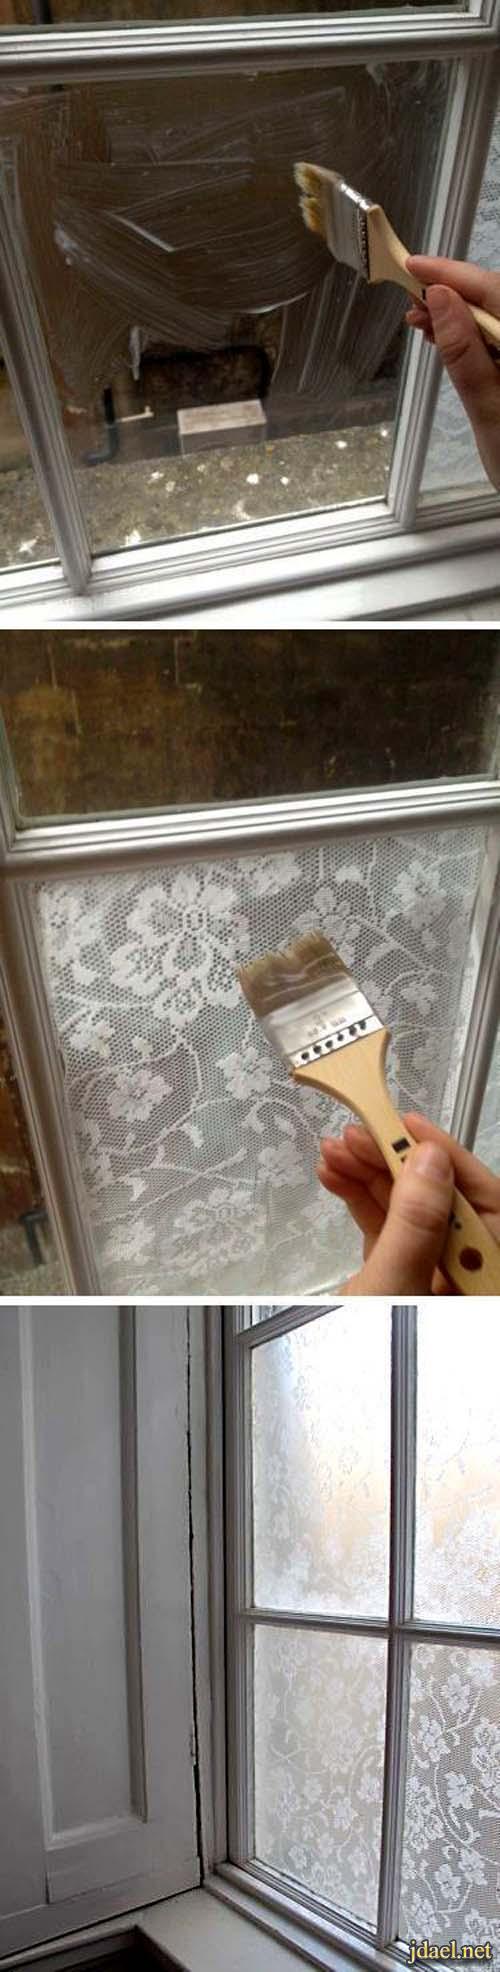 ابداع الدانتيل مهارات يدوية تزيين البيوت والهدايا بالصور